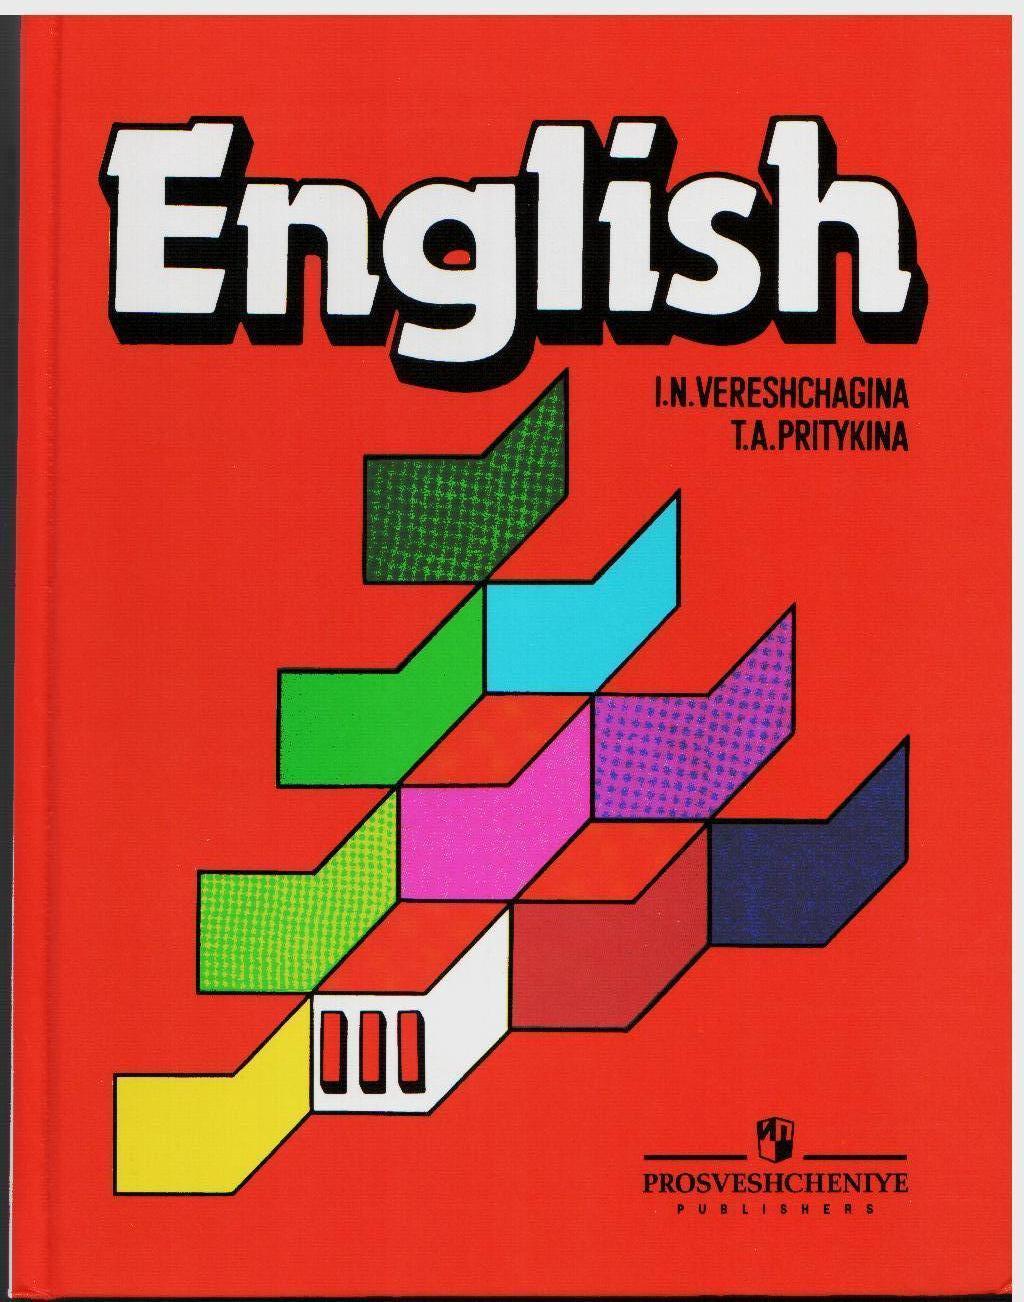 Отзывы о книге english. Английский язык. 3 класс (аудиокурс mp3).